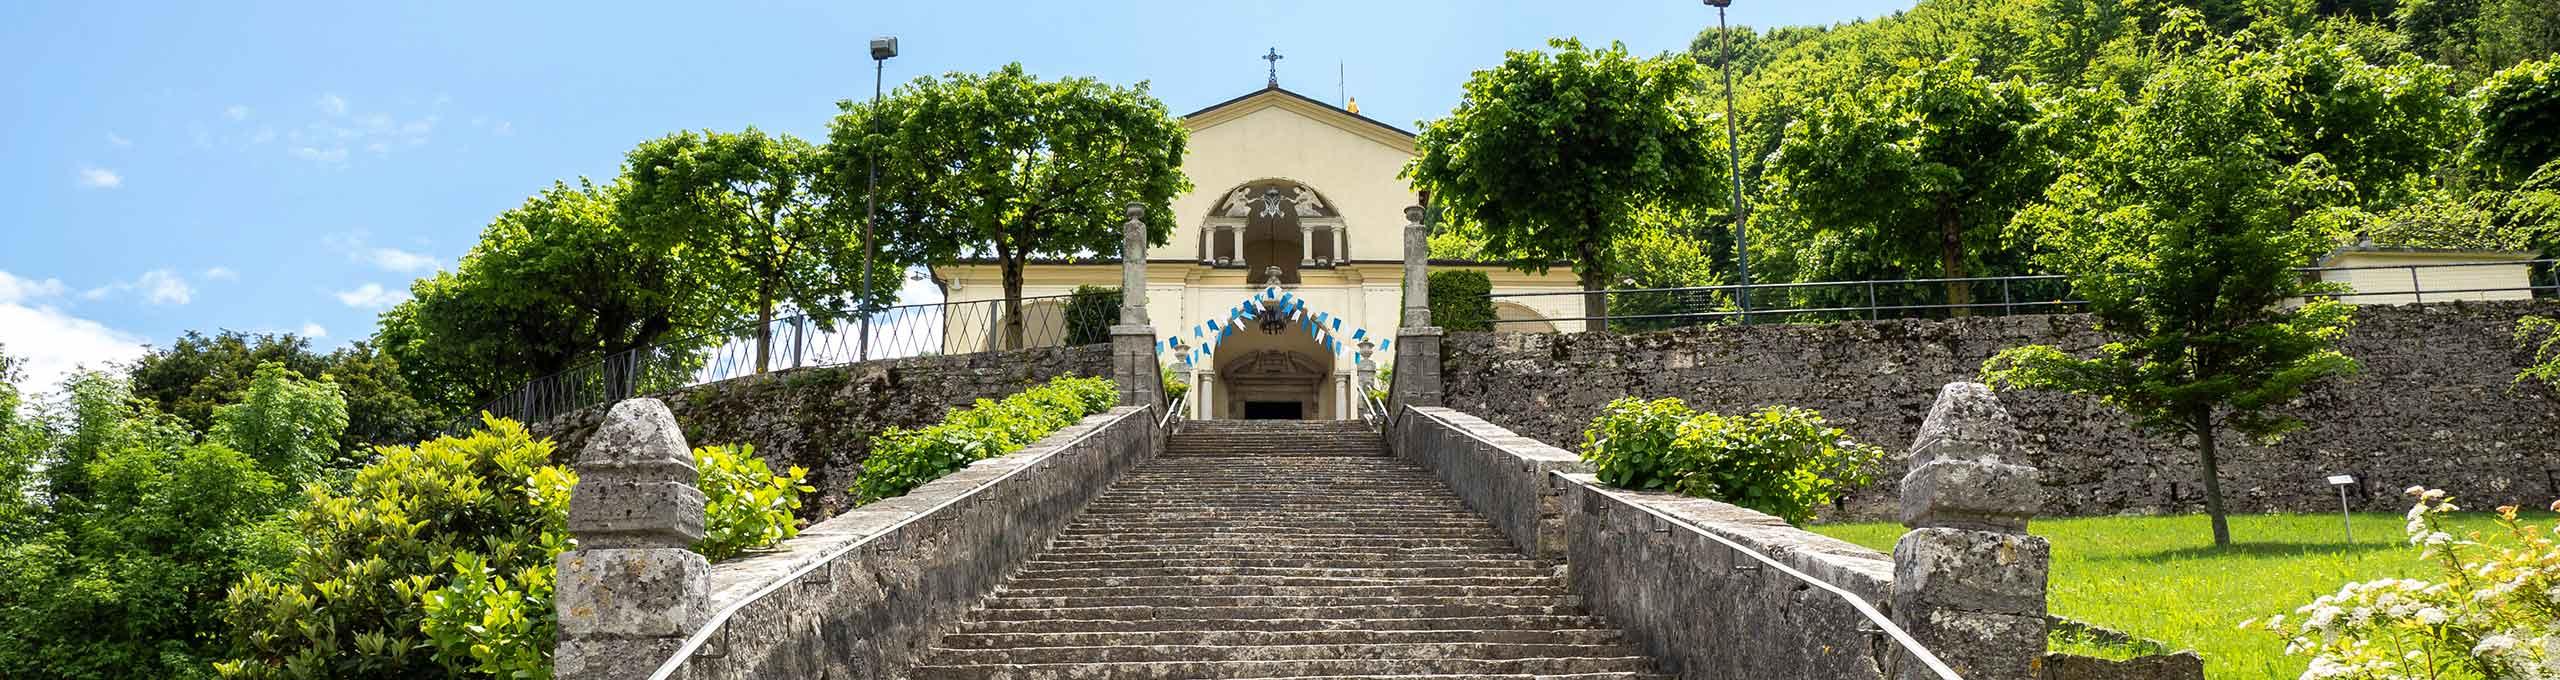 Albino, Valseriana,  Santuario della Beata Vergine del monte Altino